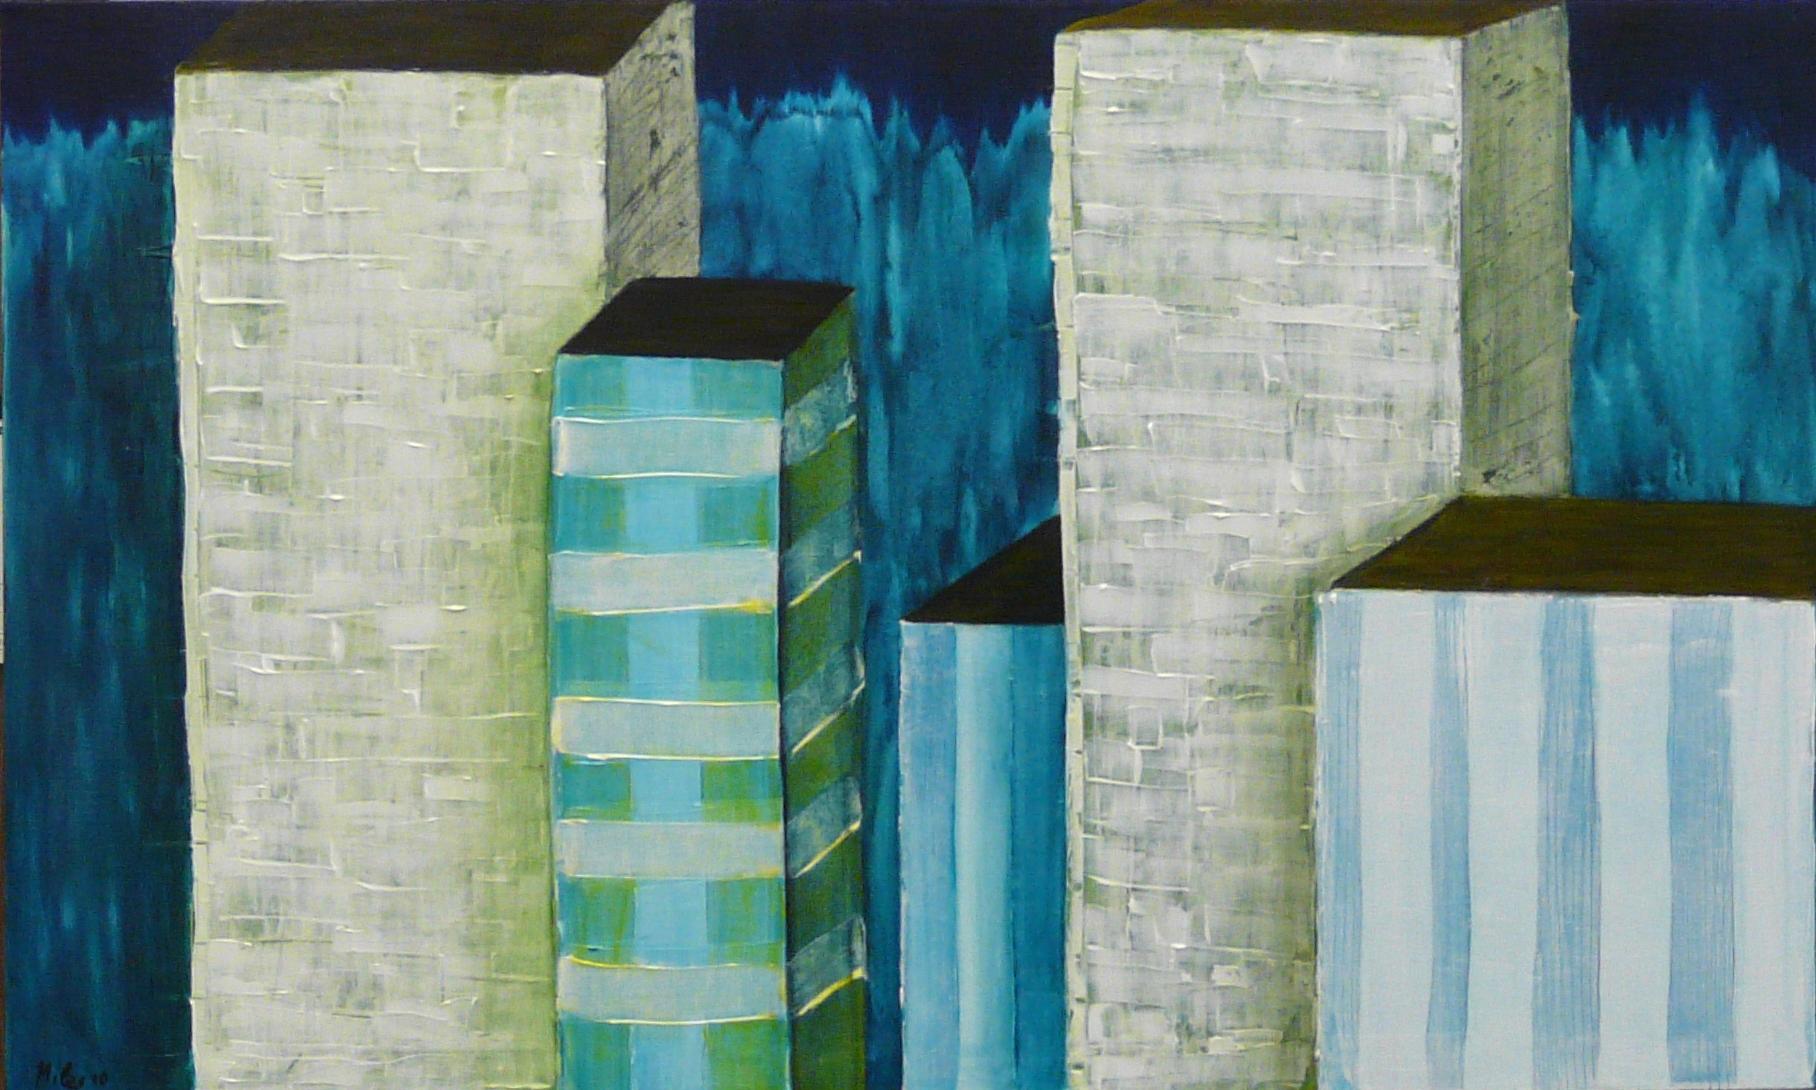 Cityscape #6